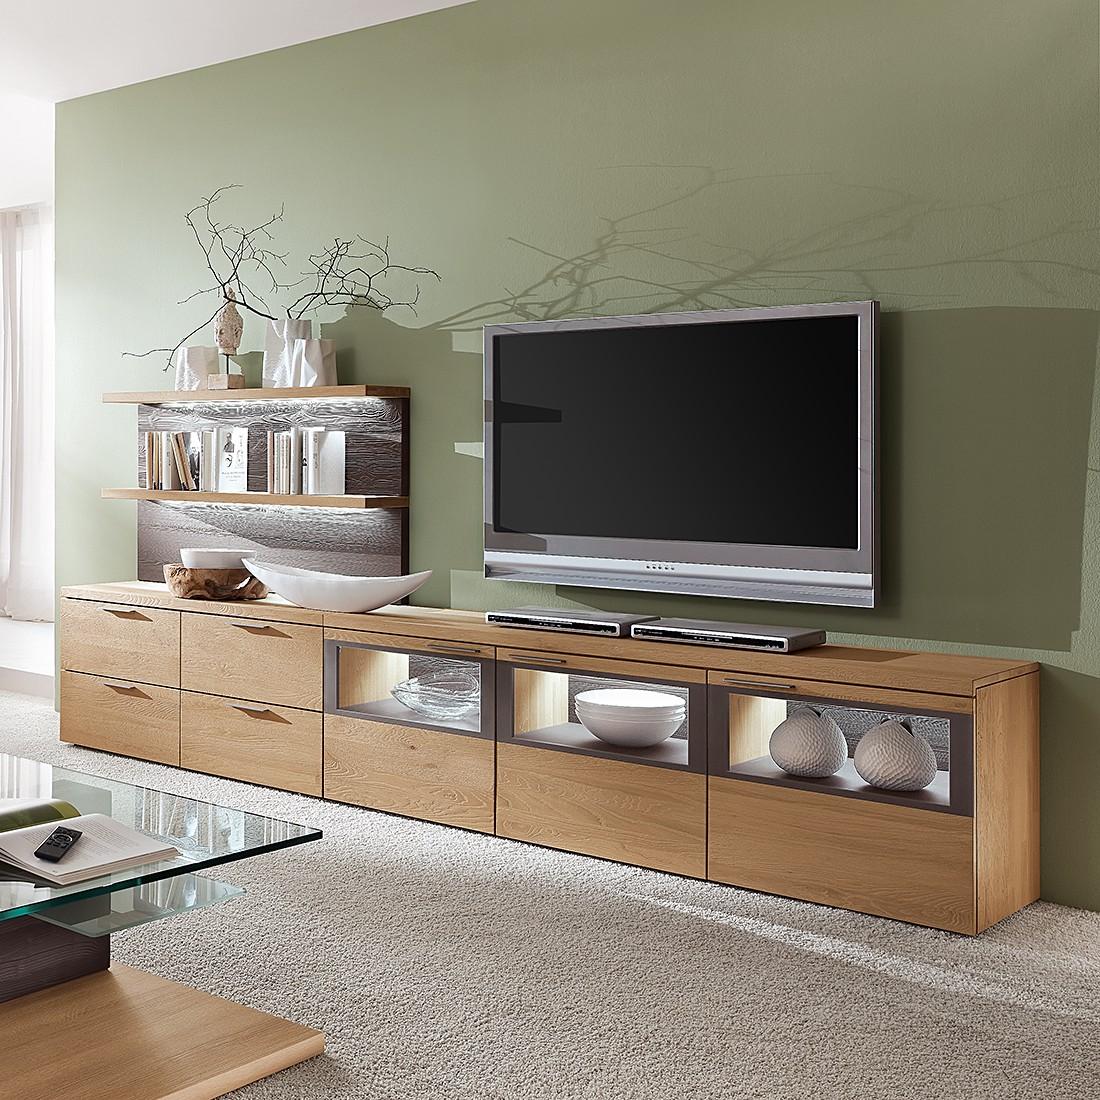 Meuble Tv Habitat : Meuble Tv Max Habitat Exclusivité ! Tous Les Meubles Tv